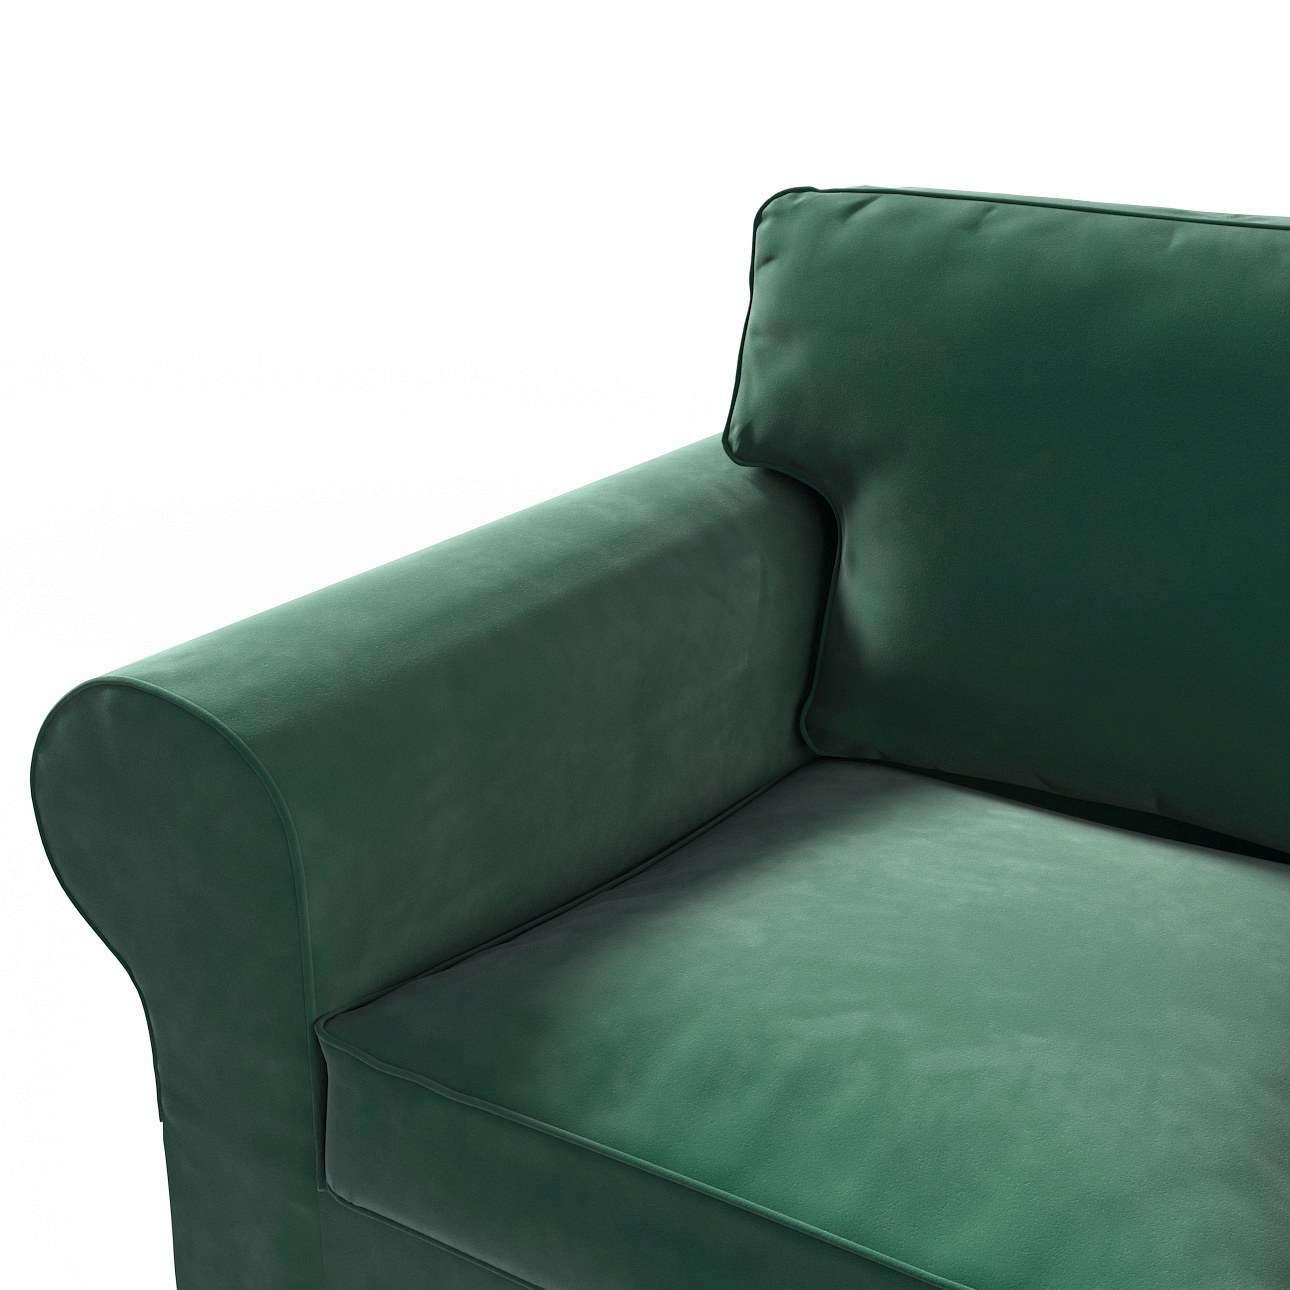 Pokrowiec na sofę Ektorp 2-osobową rozkładaną, model po 2012 w kolekcji Christmas, tkanina: 704-25